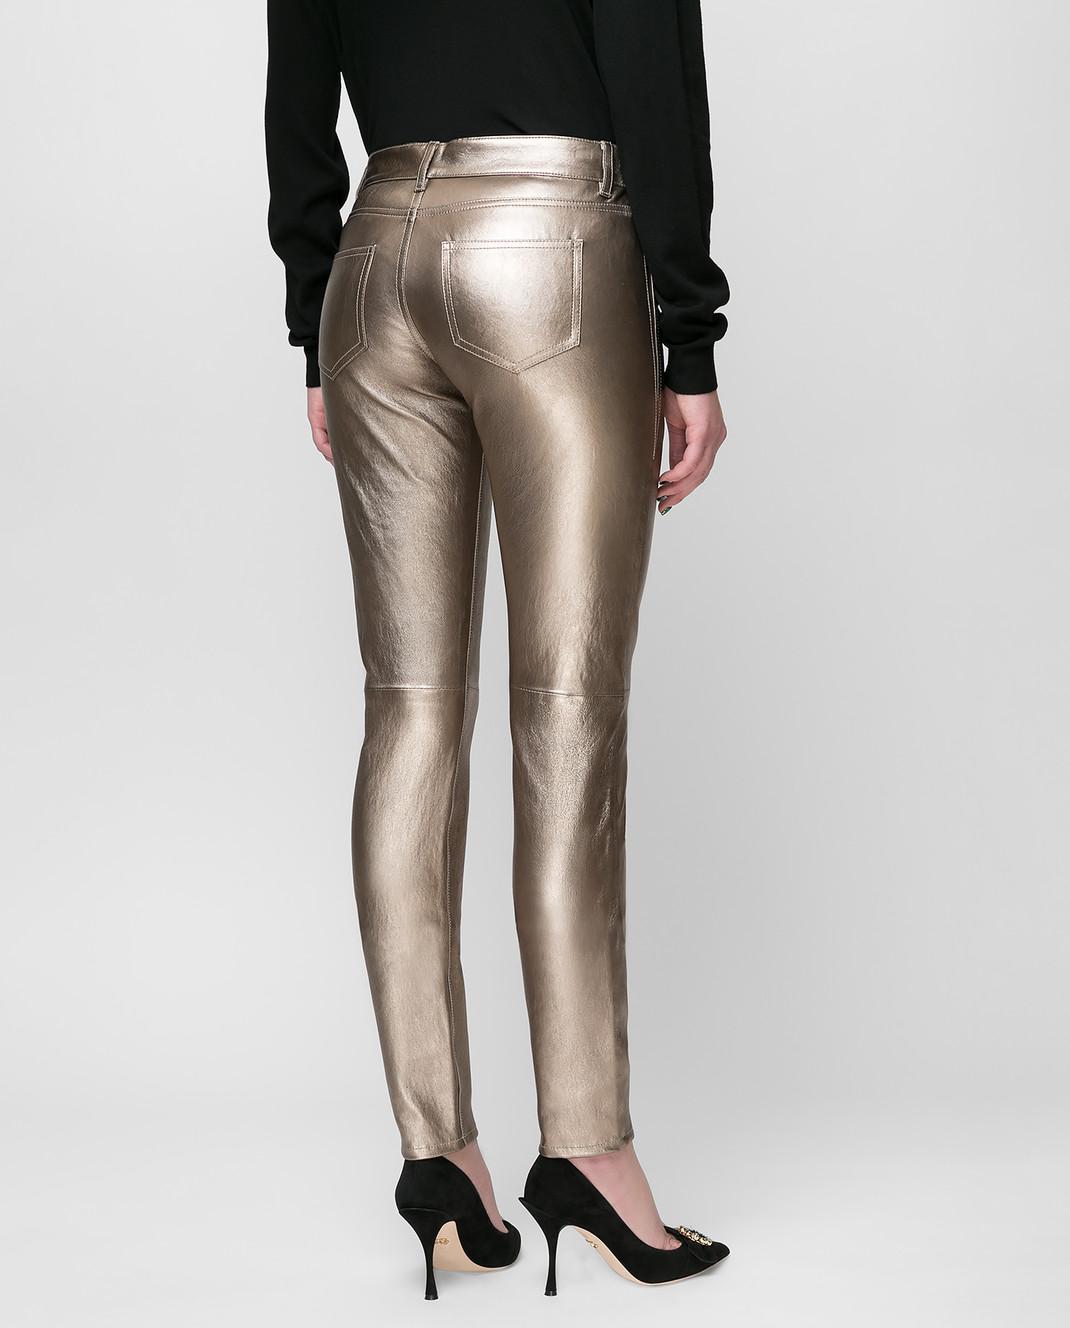 Saint Laurent Золотистые брюки изображение 4